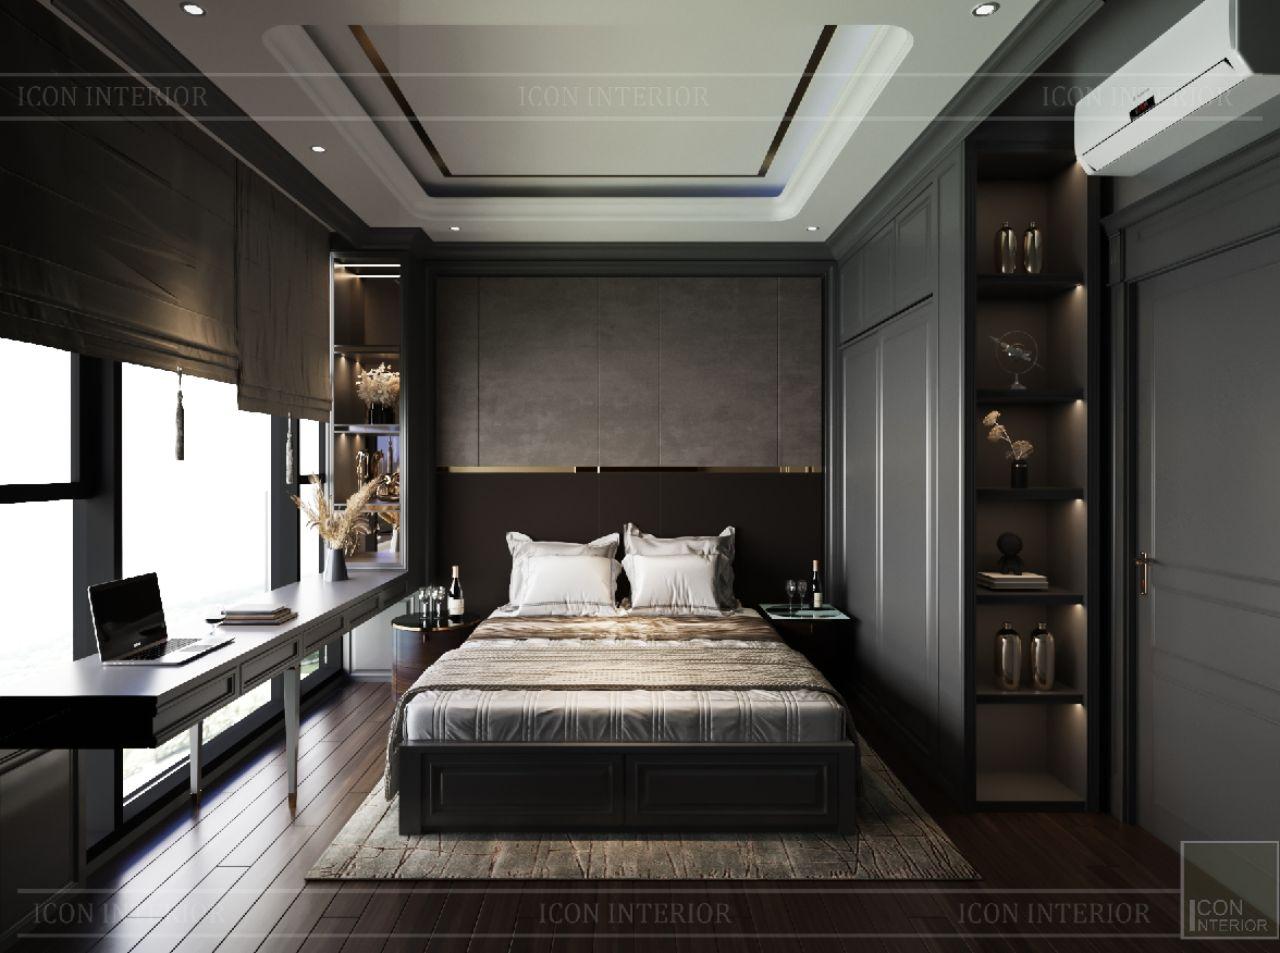 nội thất căn hộ Empire City Thủ Thiêm 3 phòng ngủ